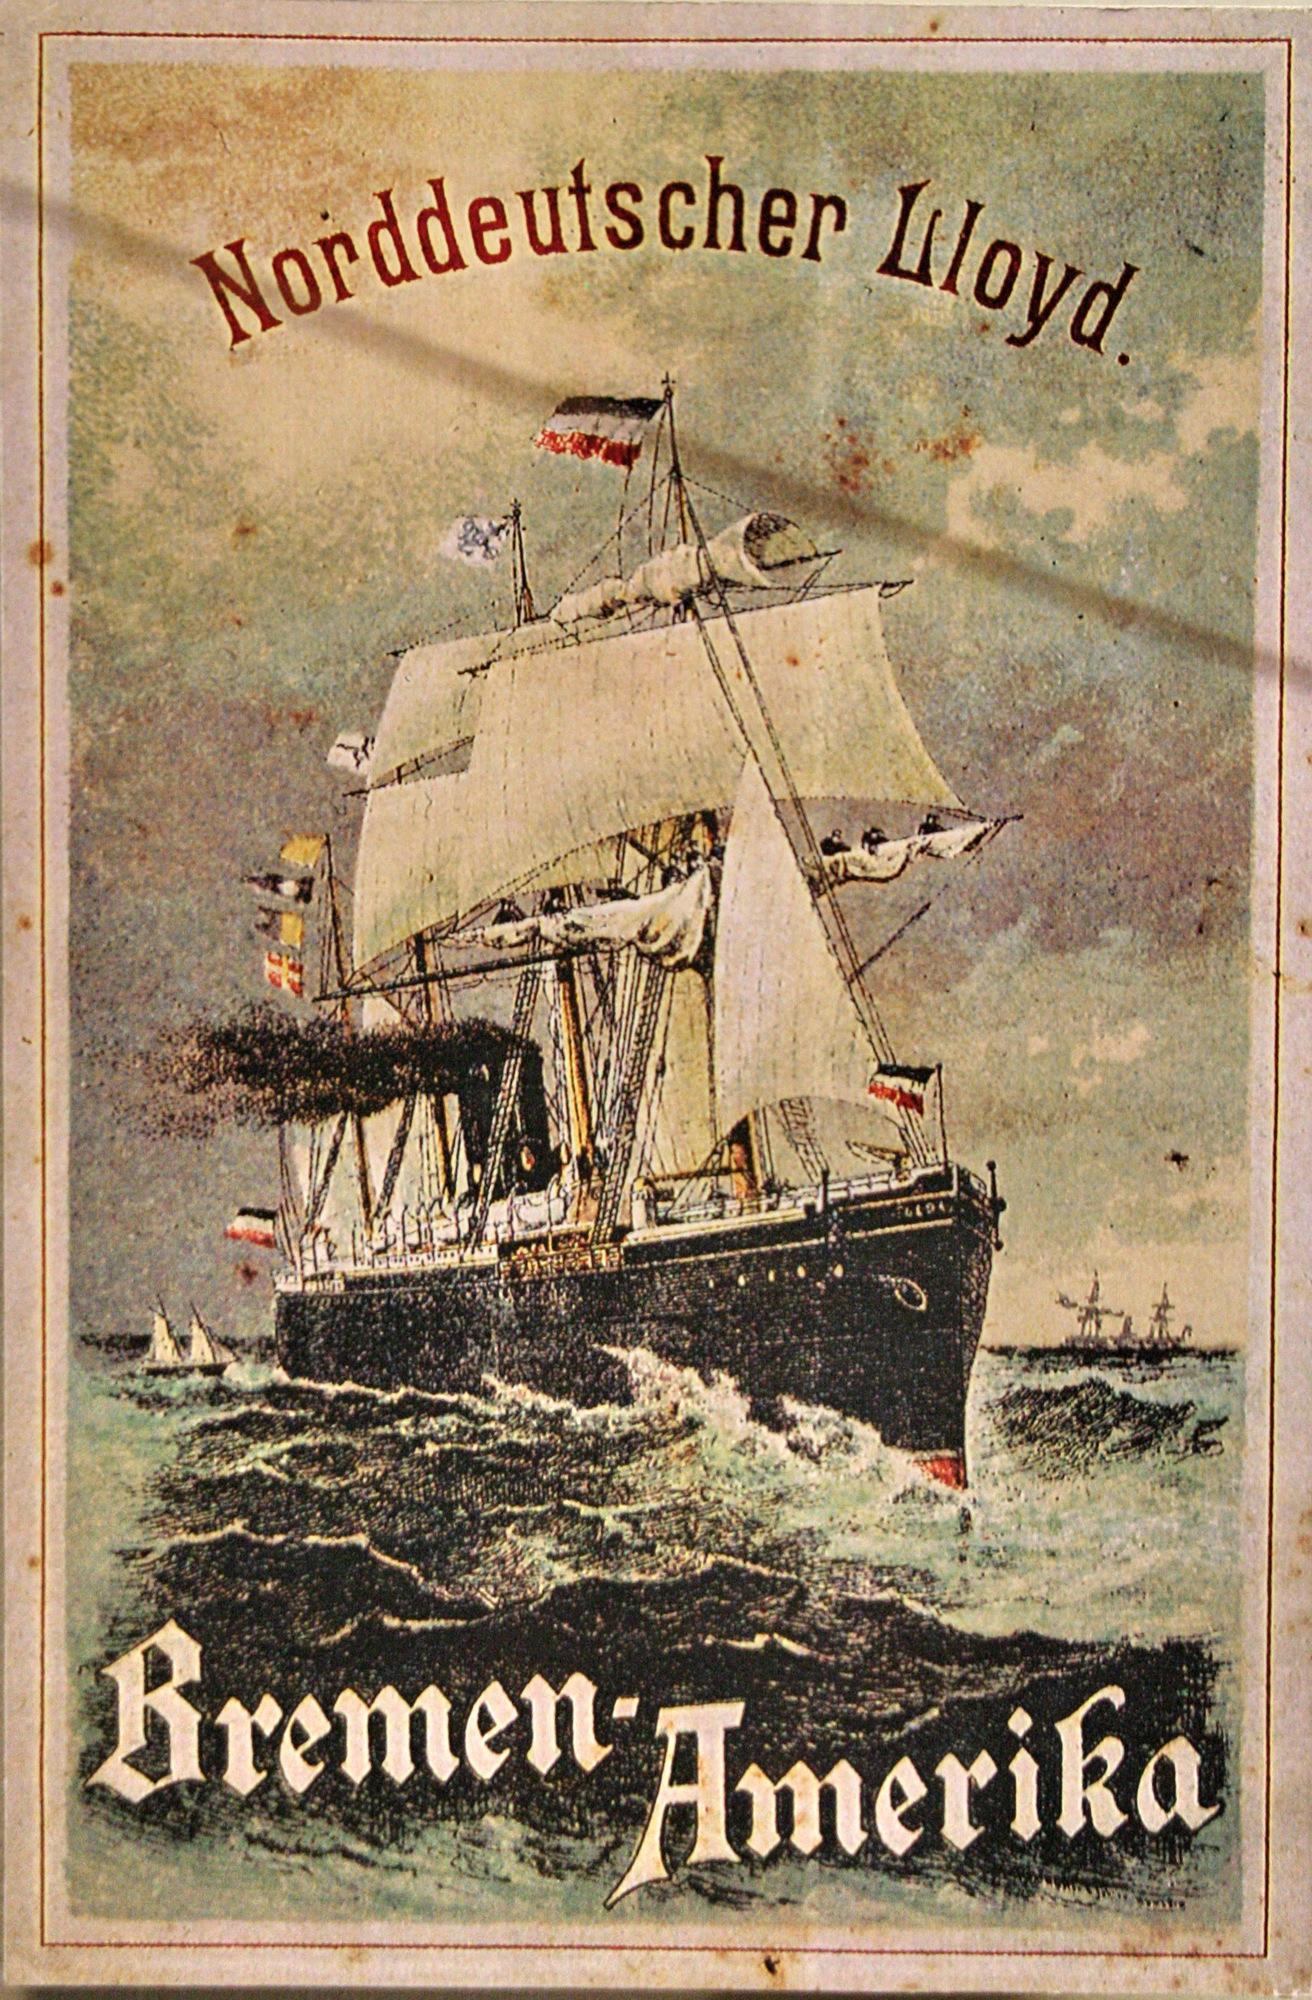 Norddeutscher Lloyd - Bremen-Amerika